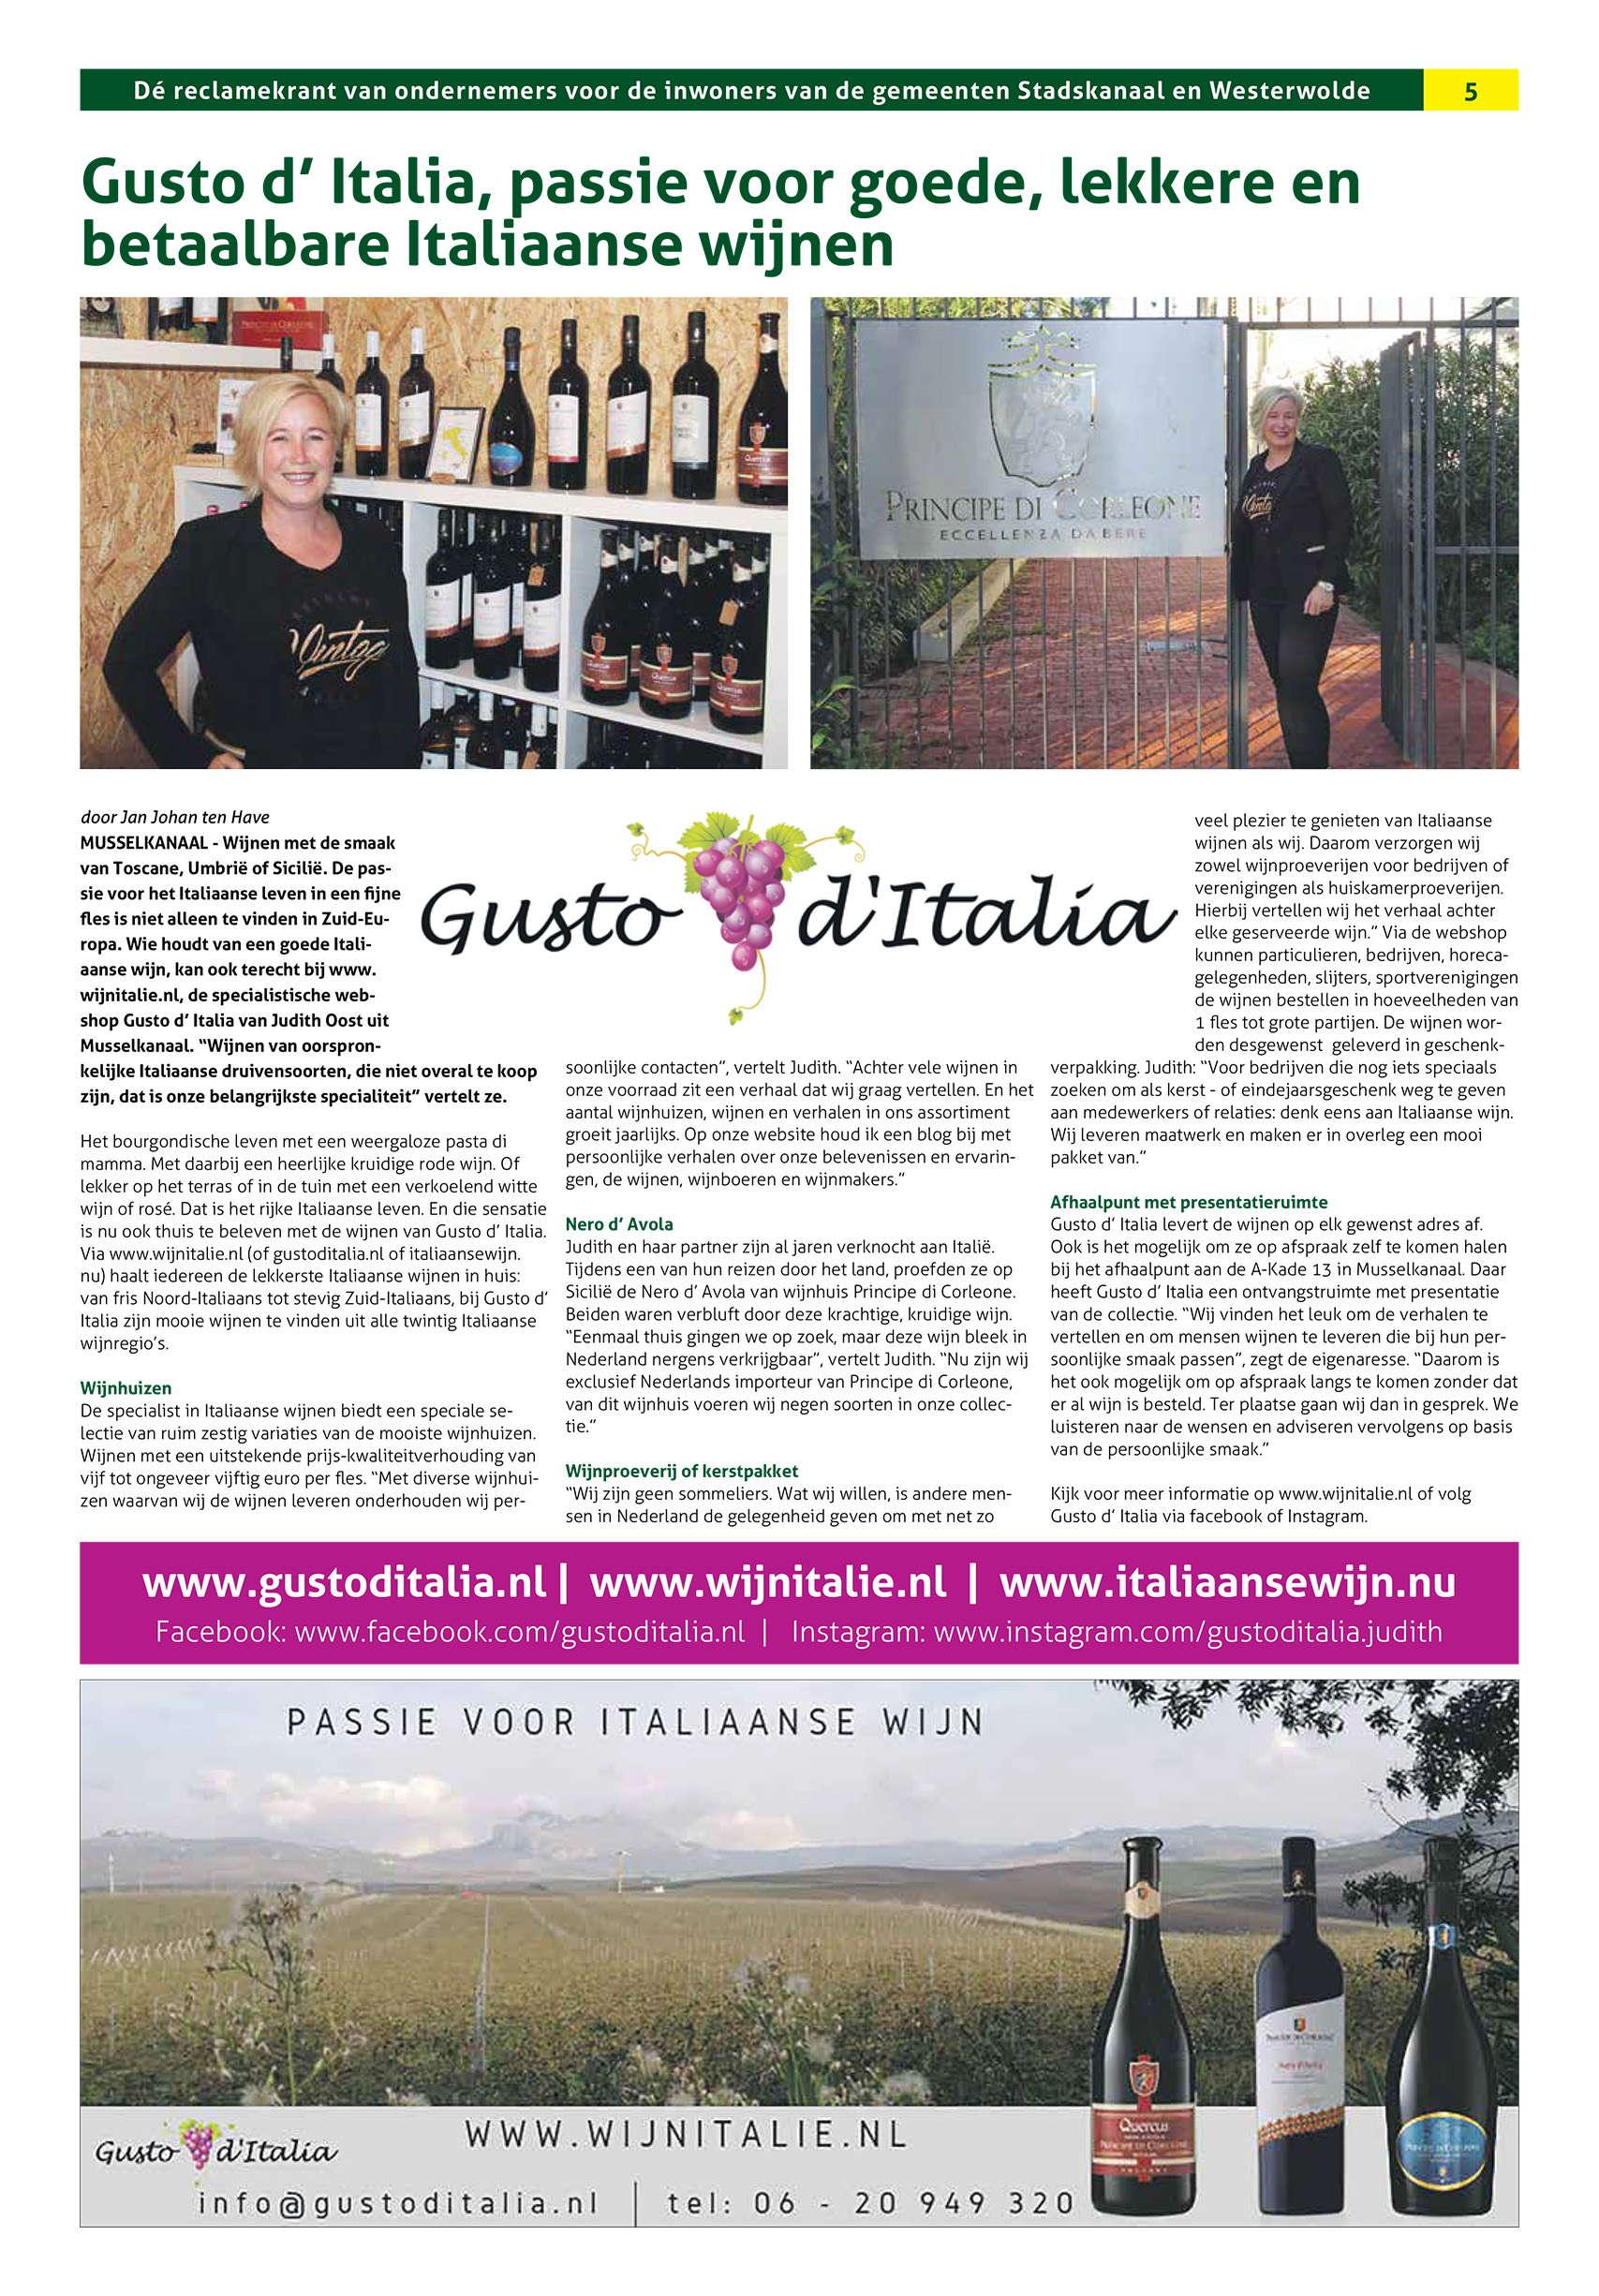 Regiomagazine Gusto d'Italia